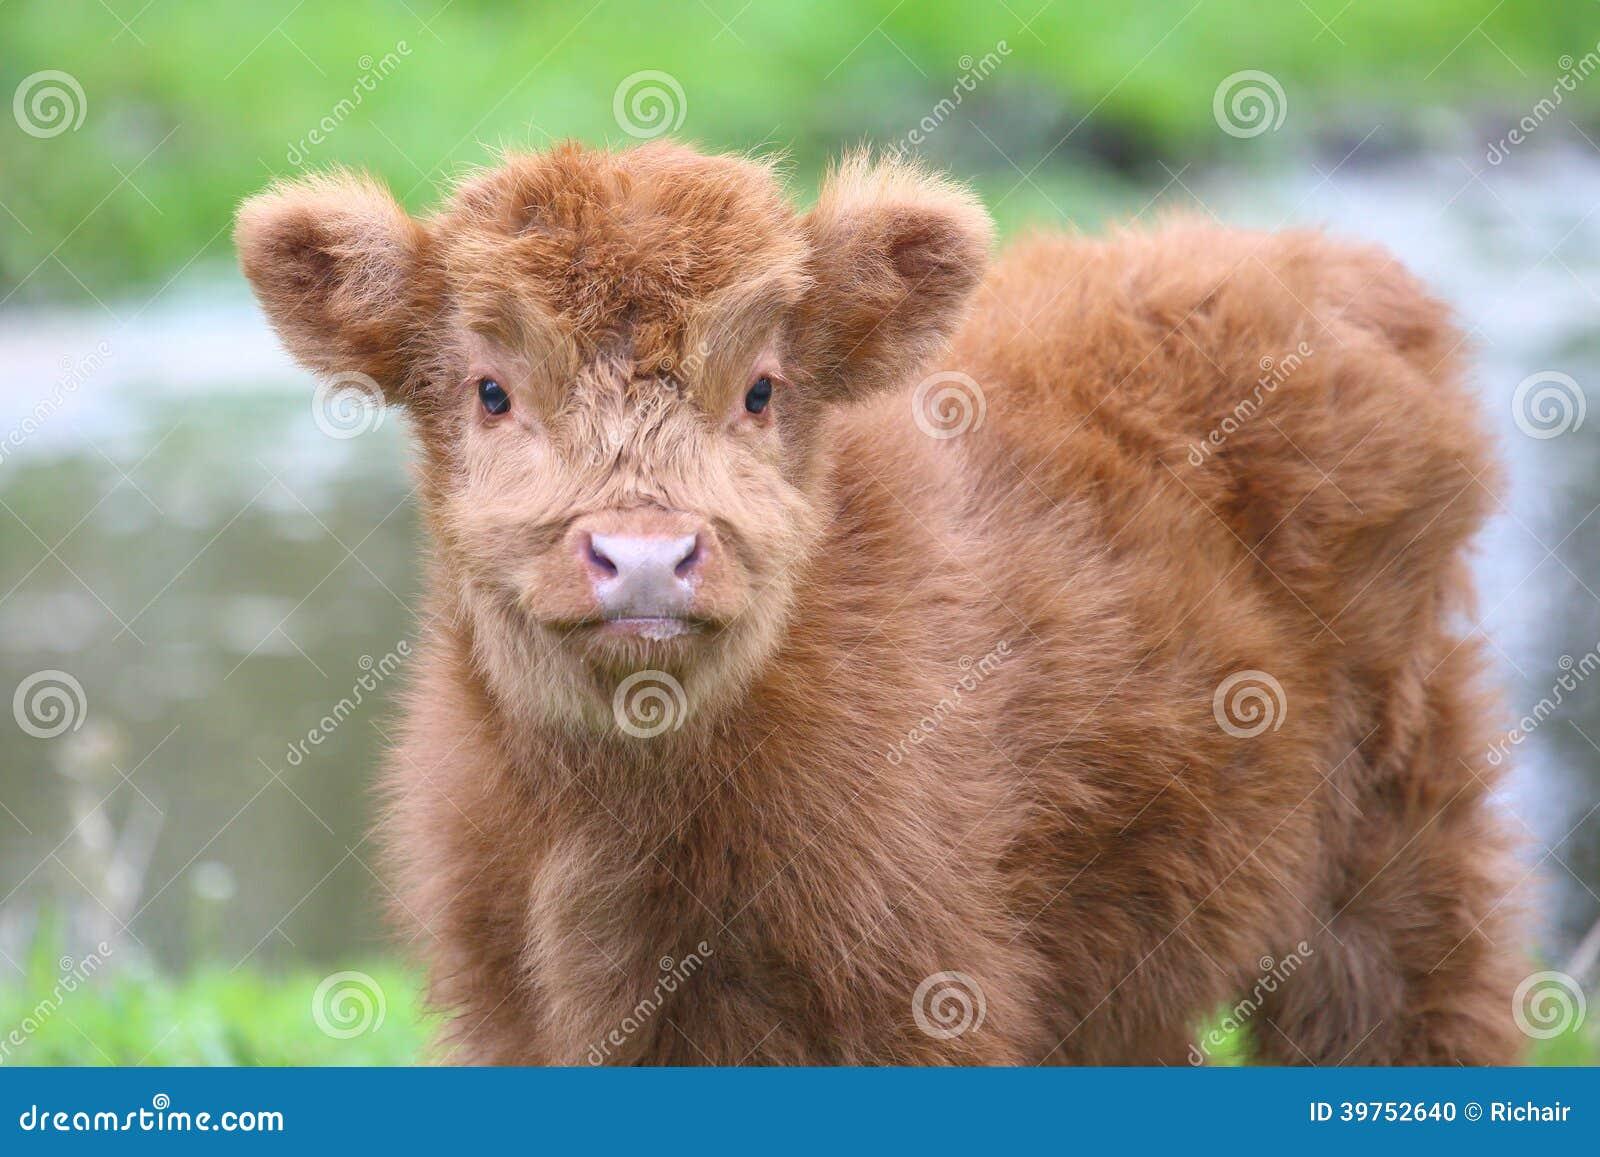 Cute Highland calf